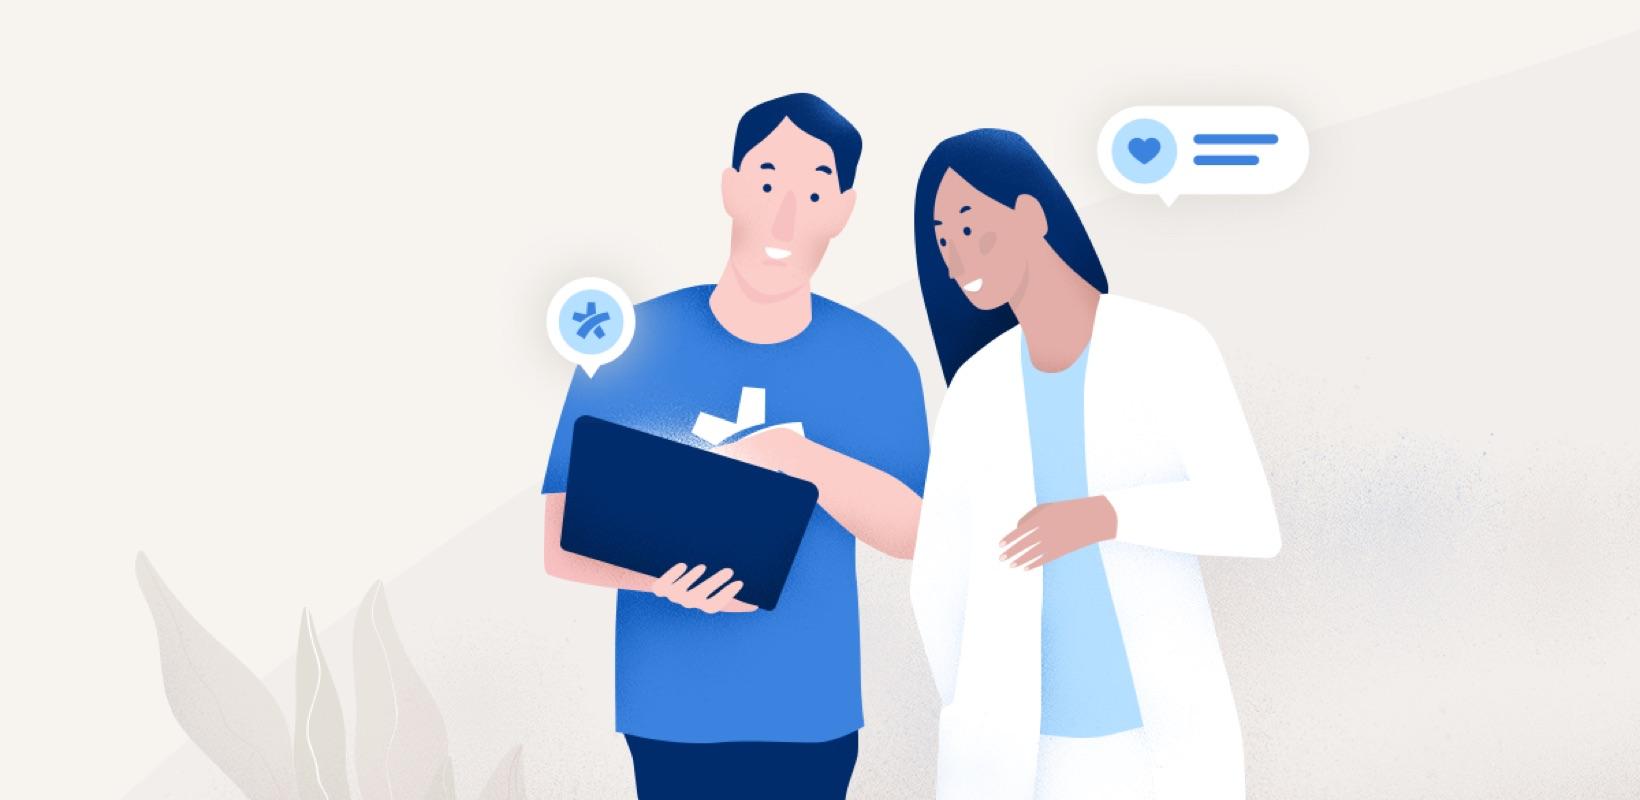 Docplanner Data-informed Design